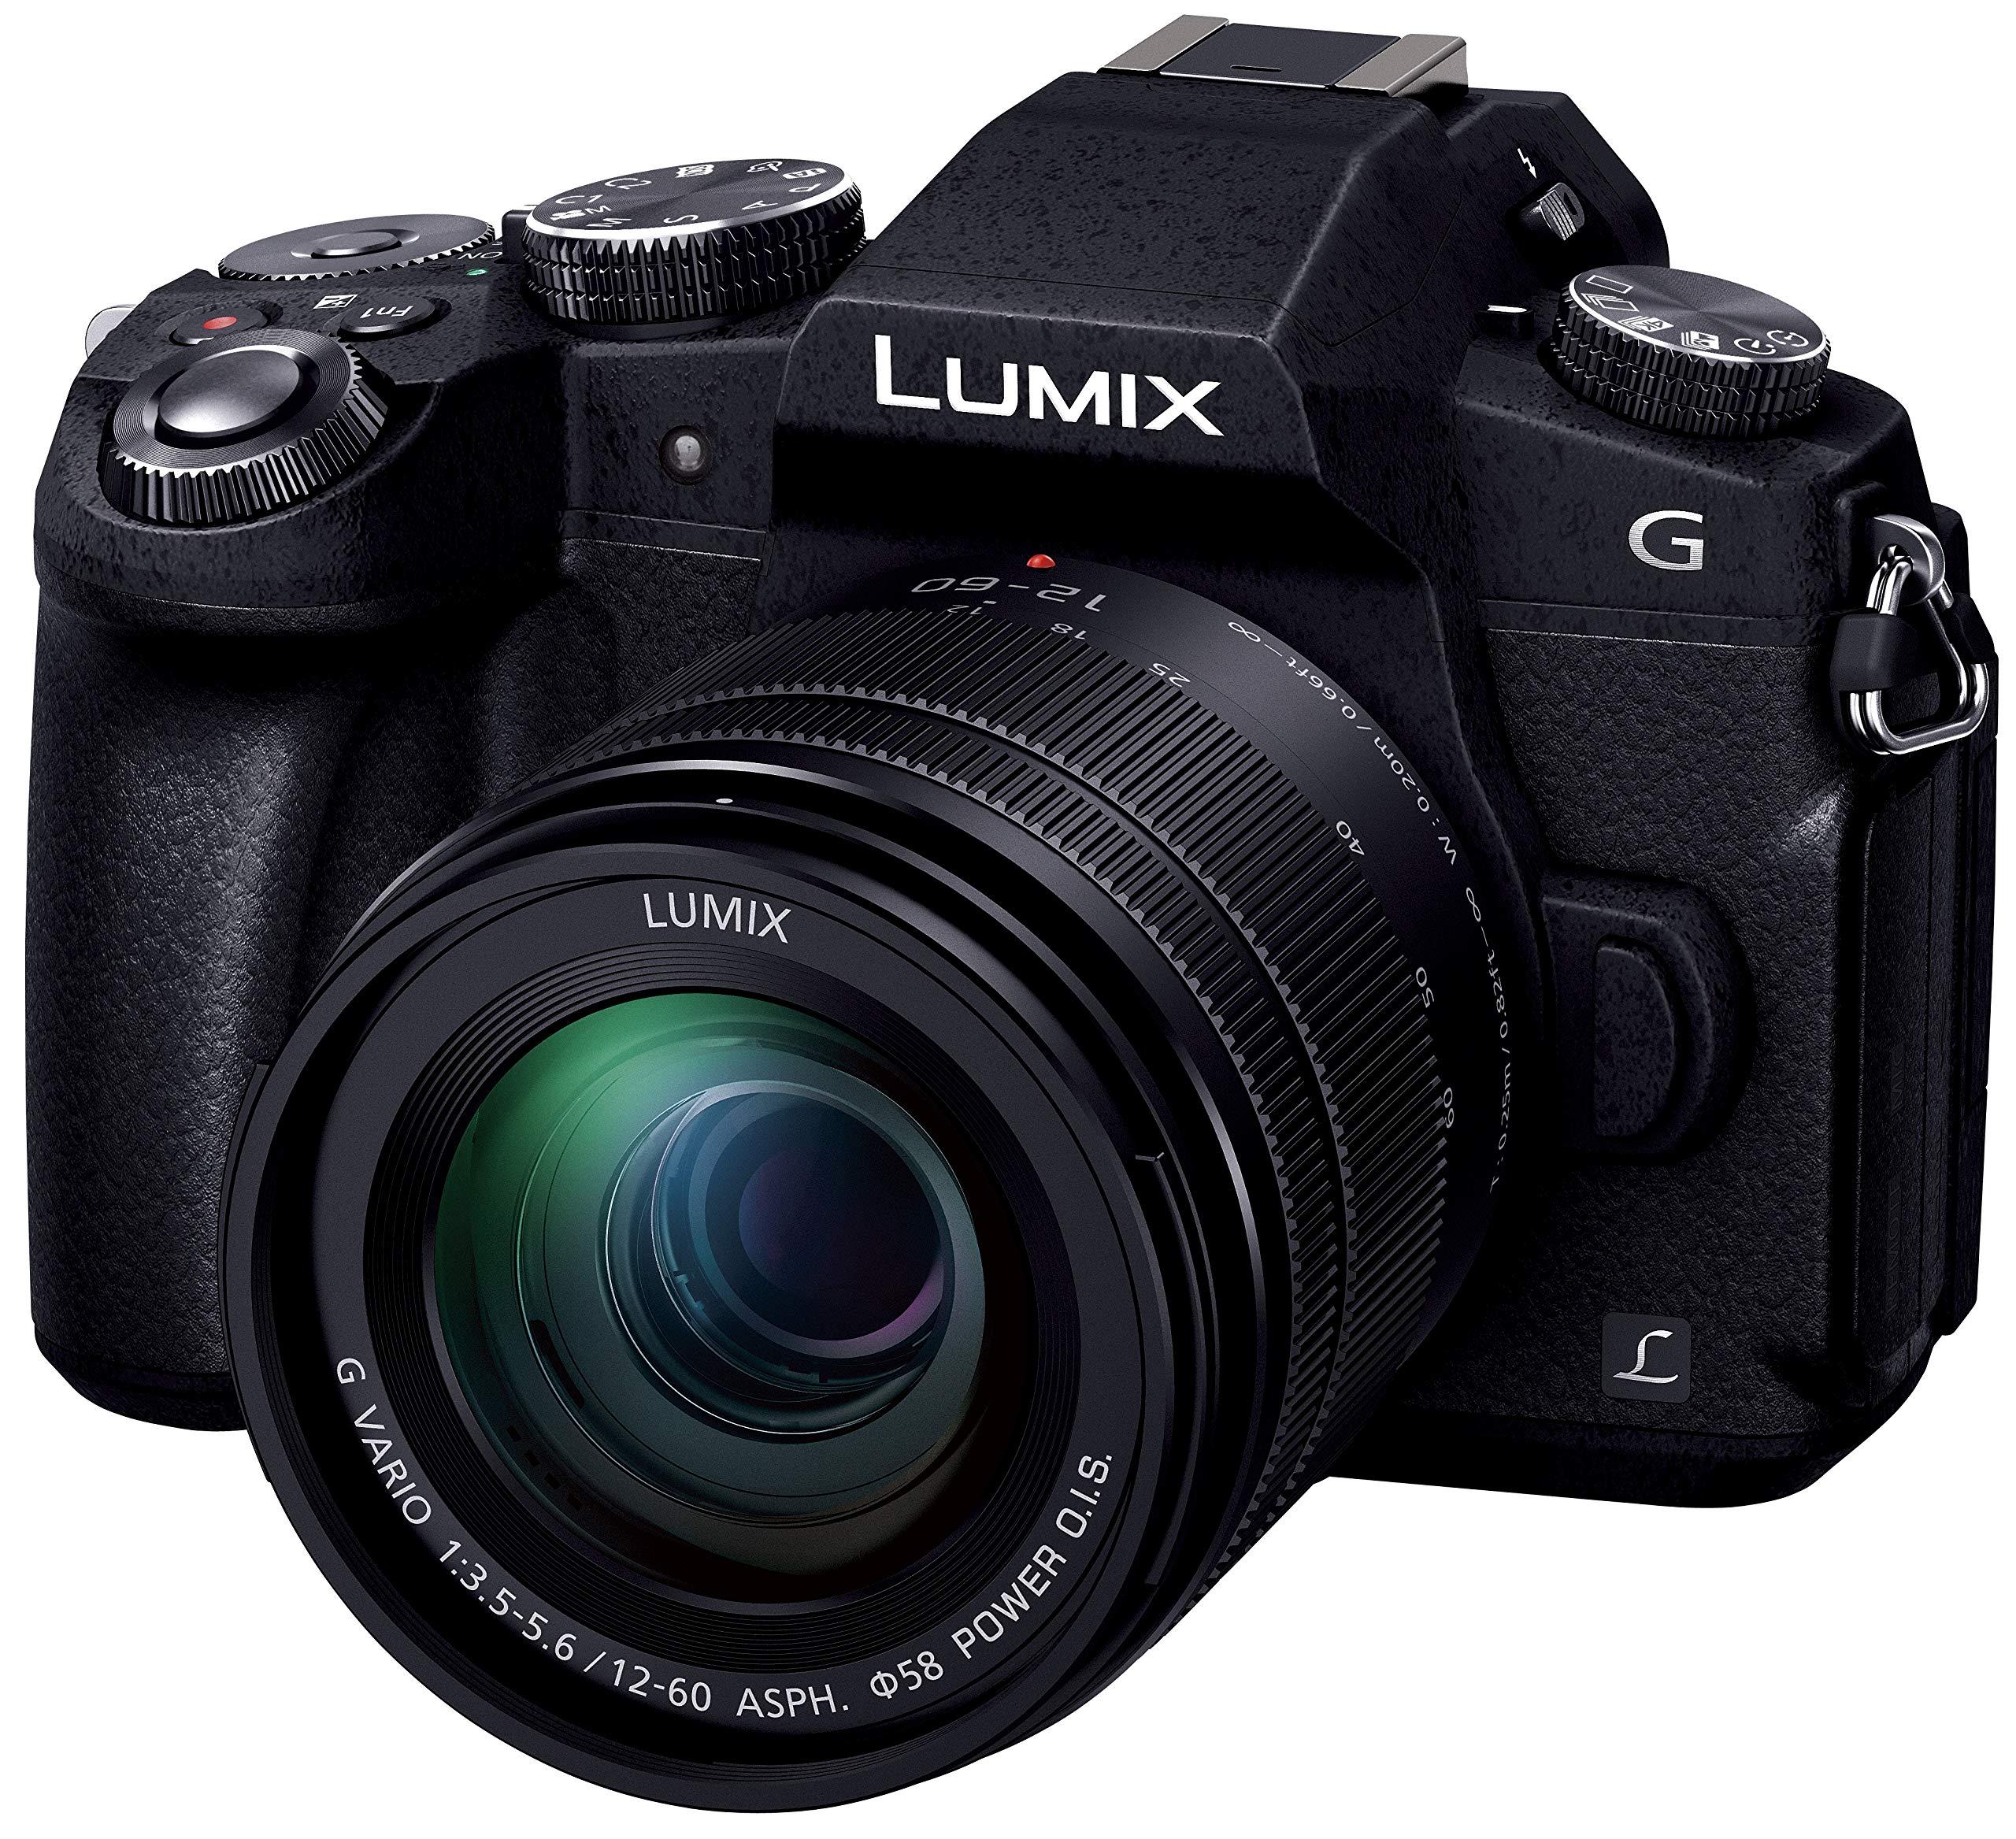 パナソニック ミラーレス一眼カメラ ルミックス G8 標準ズームレンズキット 1600万画素 ブラック DMC-G8M-K product image